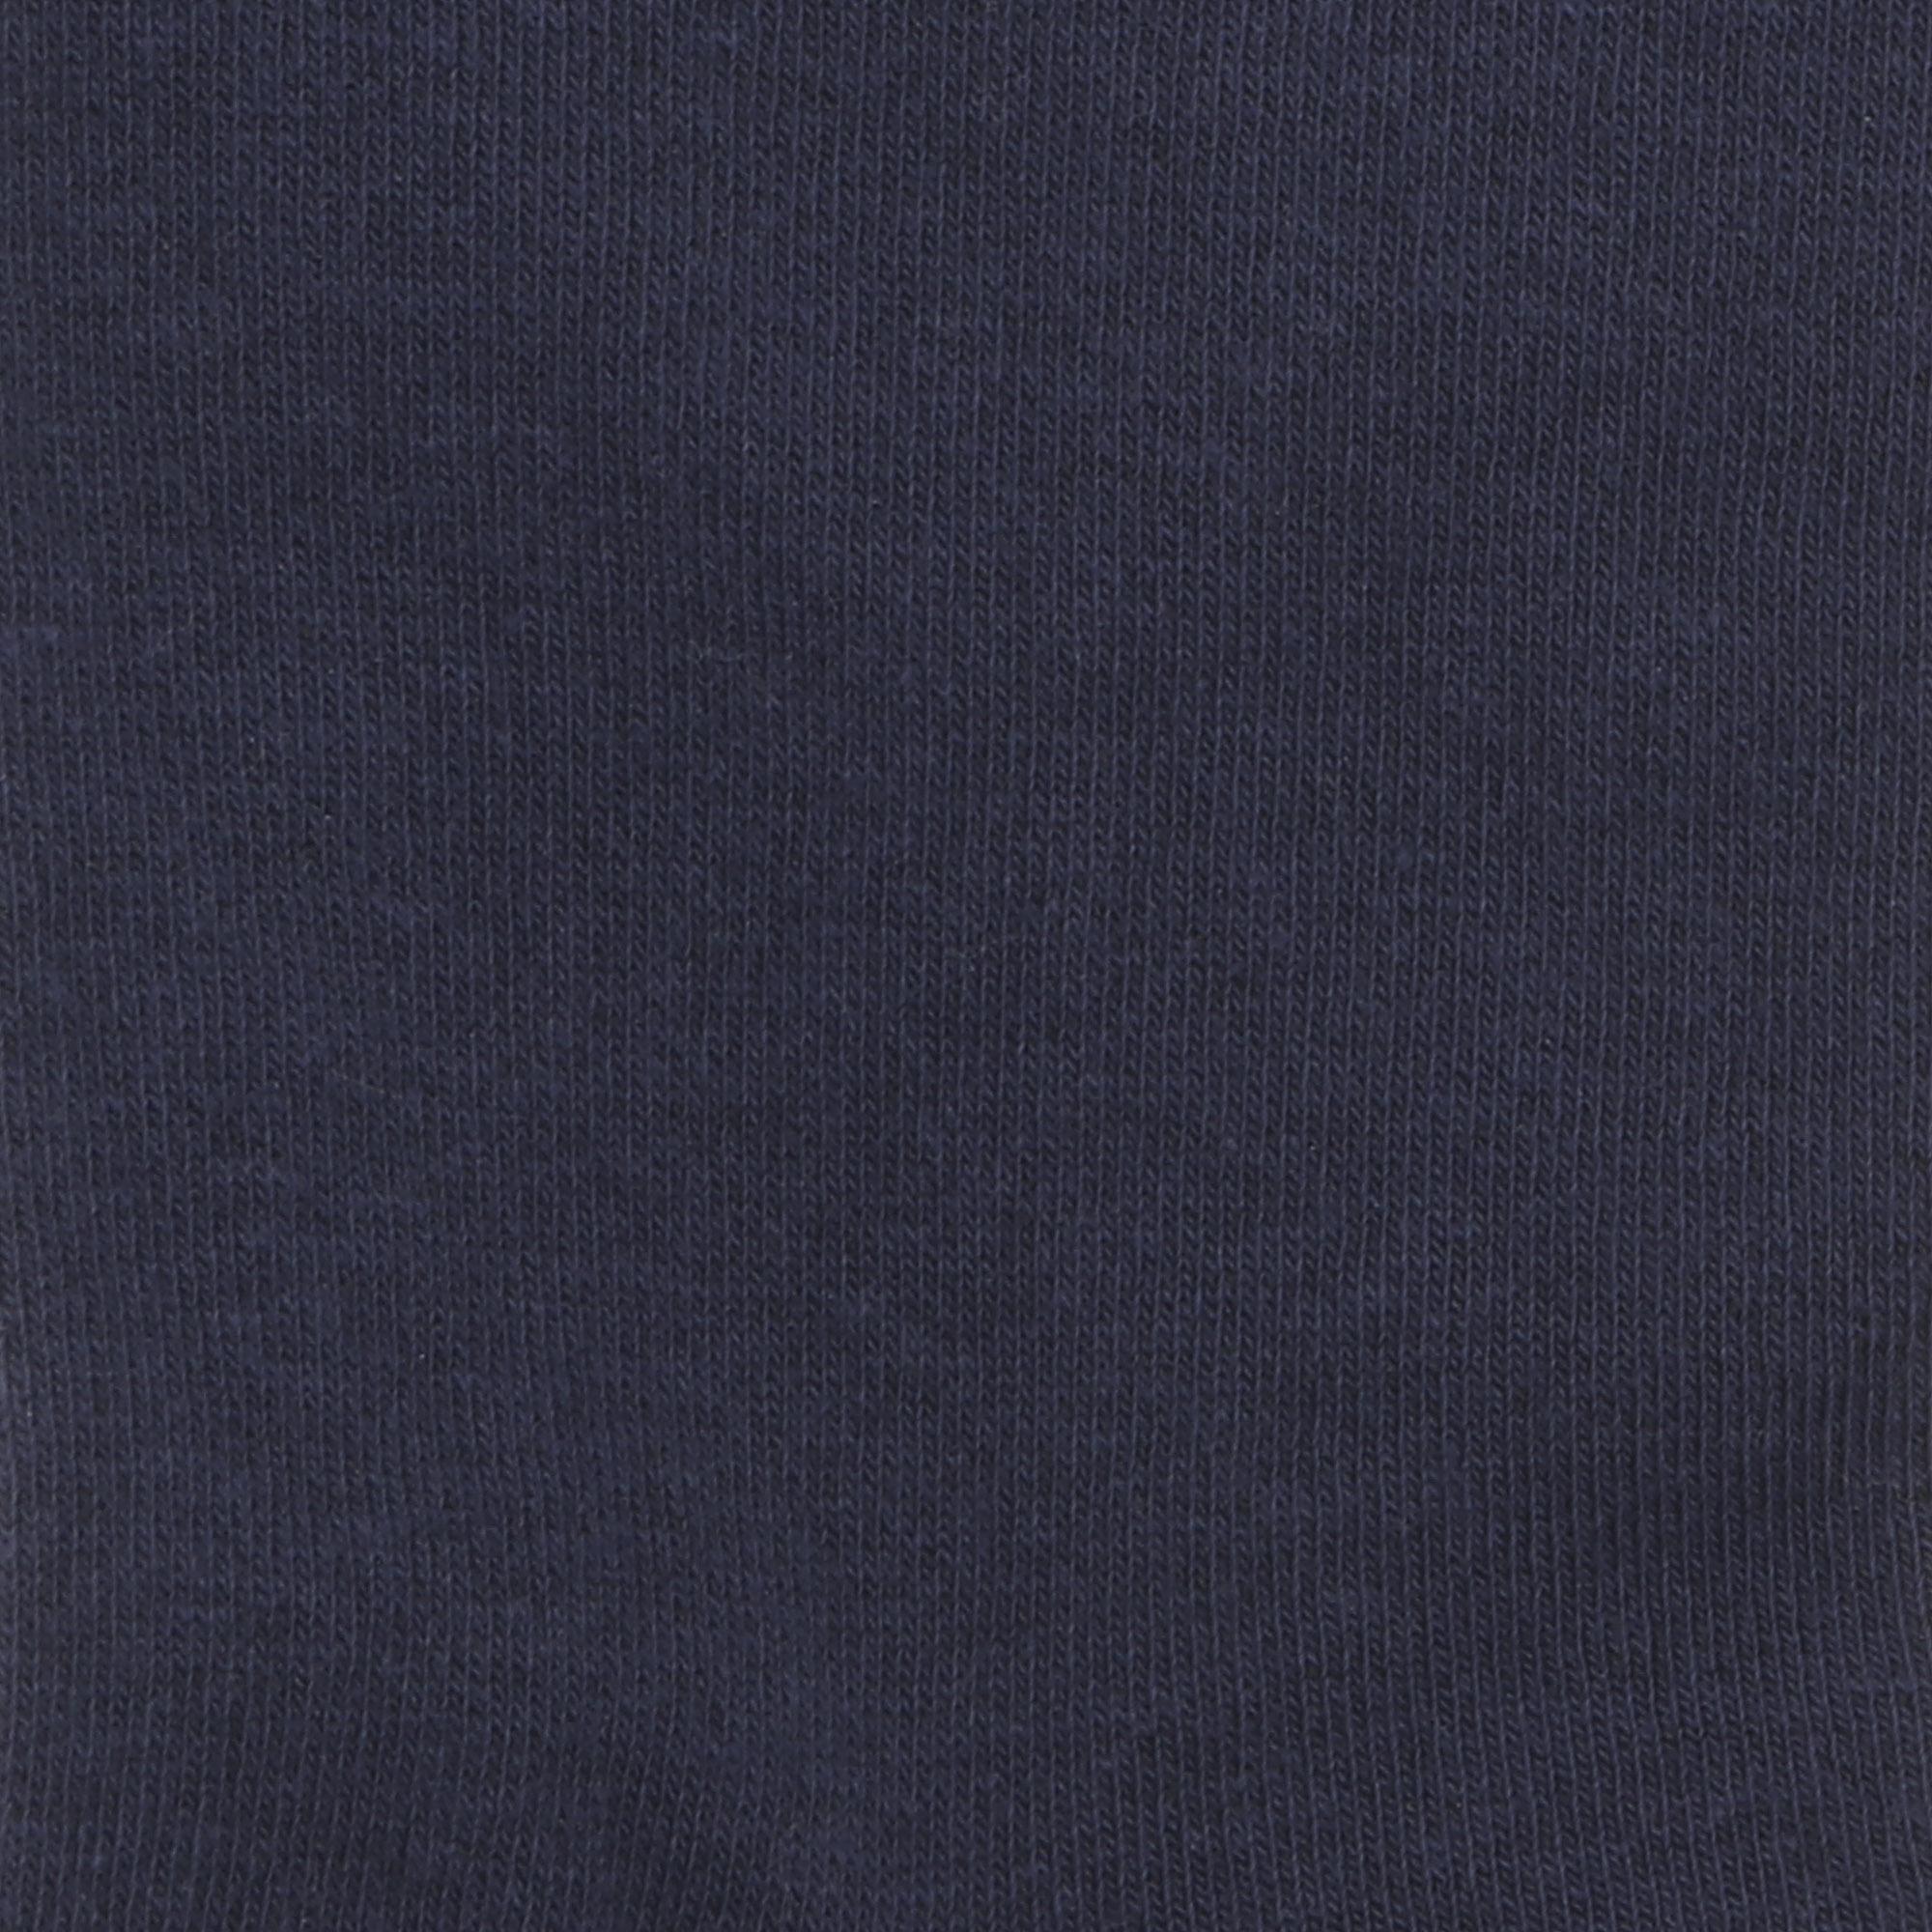 Носки мужские Lucky Socks 29-31 синие 1 пара